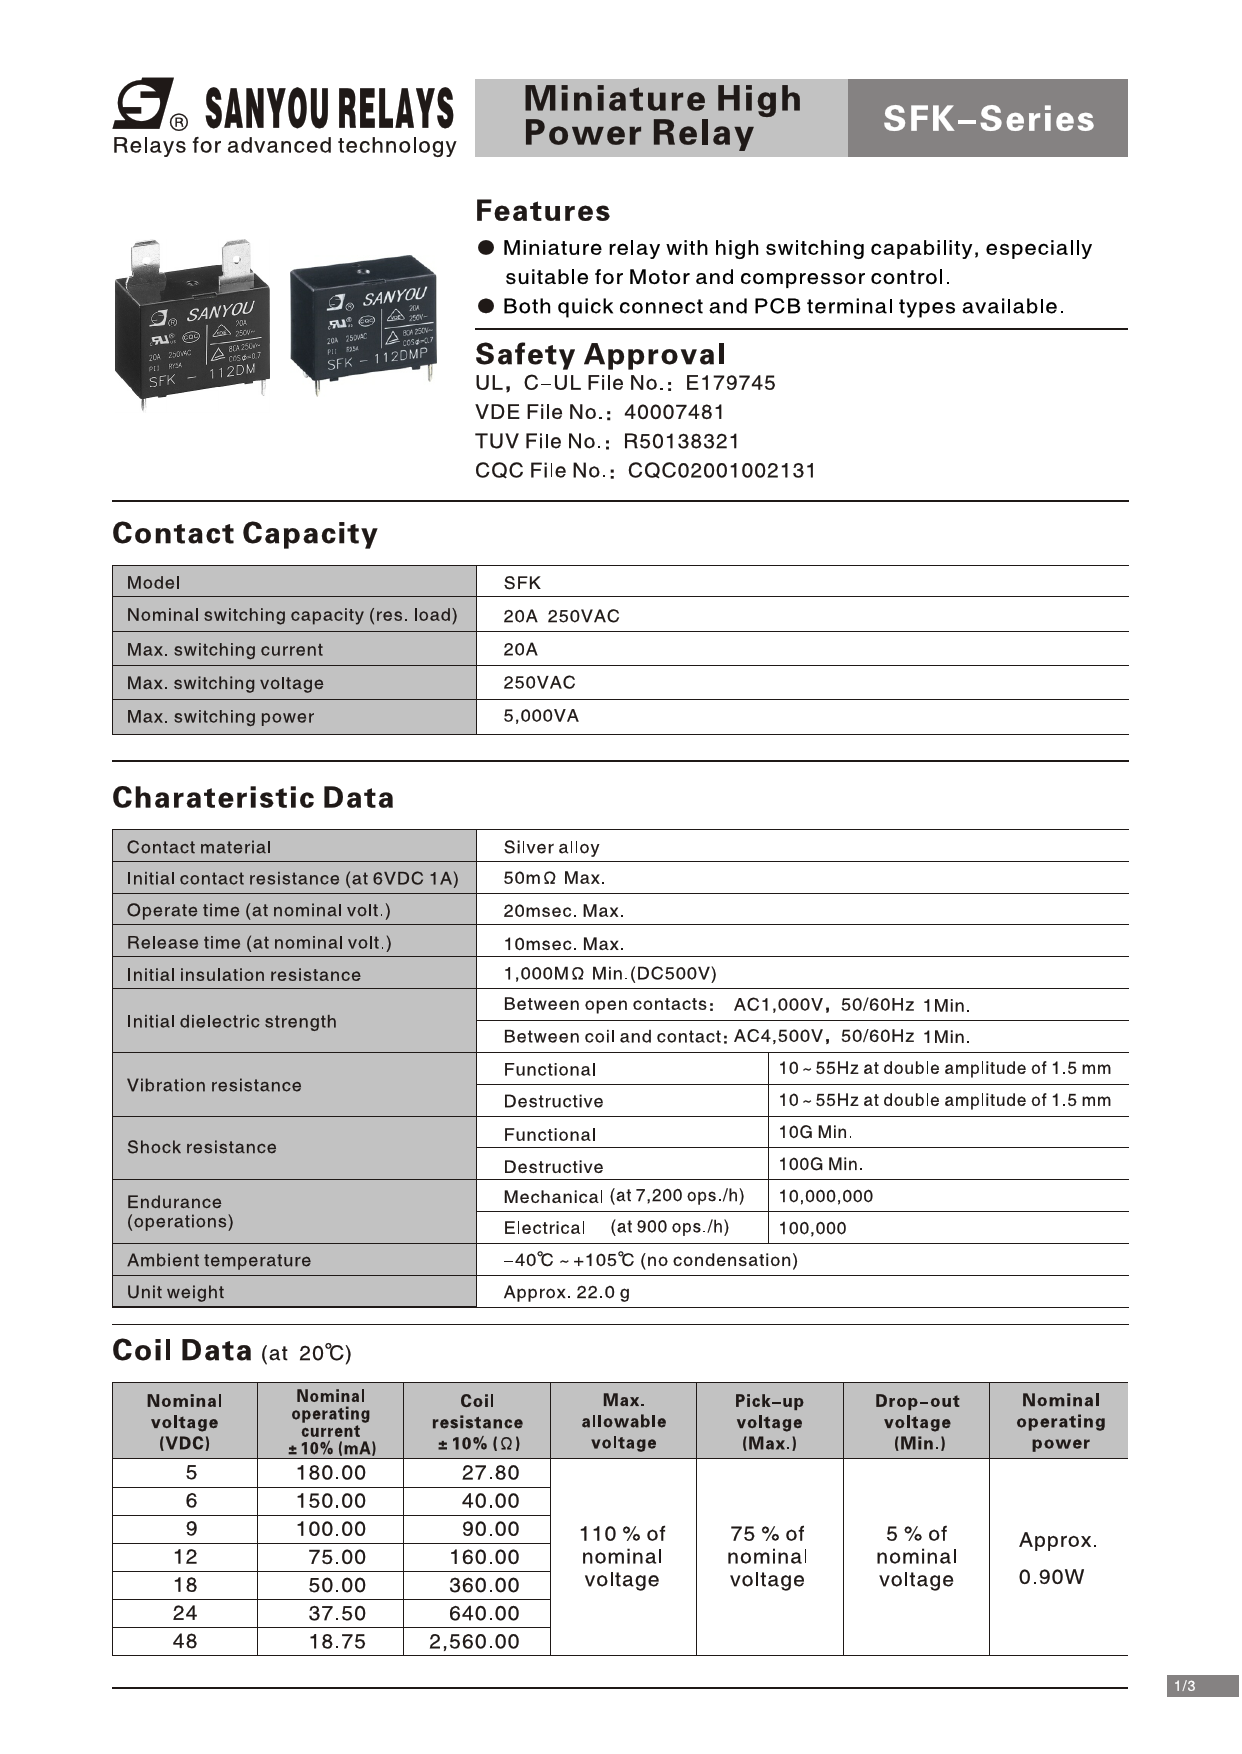 SFK-112DMP 데이터시트 및 SFK-112DMP PDF